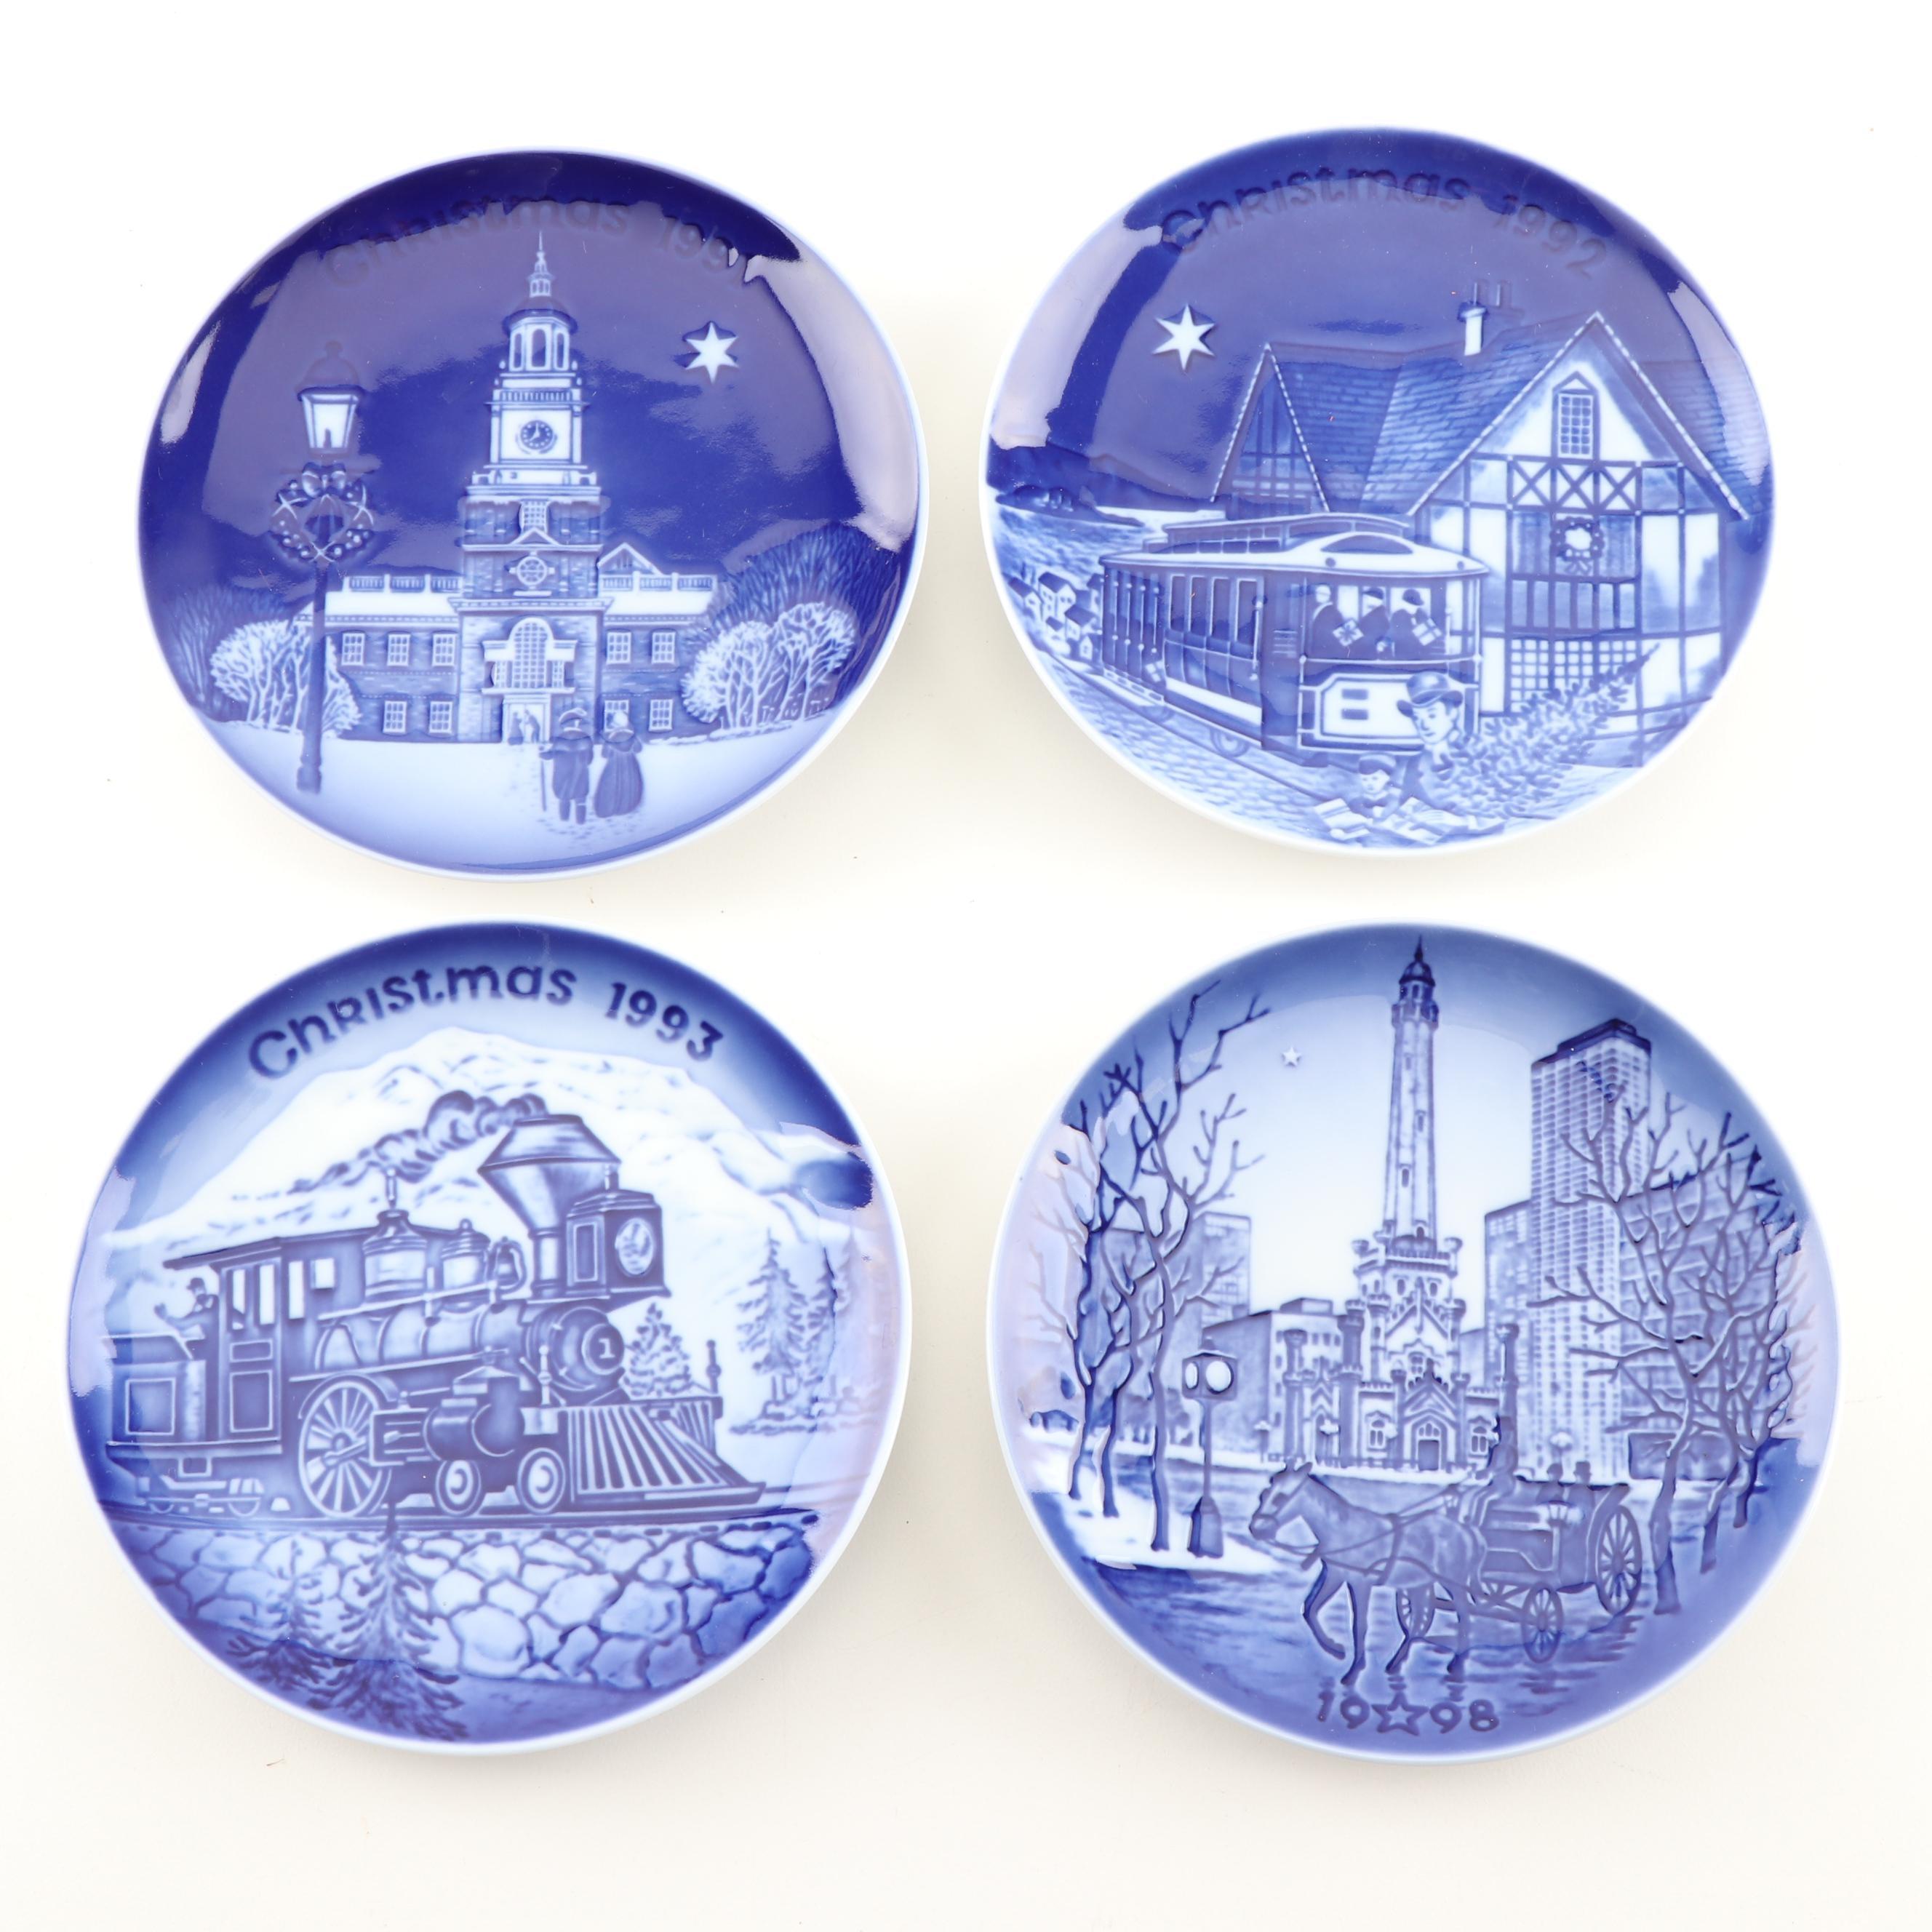 Bing & Grondahl Copenhagen Porcelain Christmas Heritage Plates